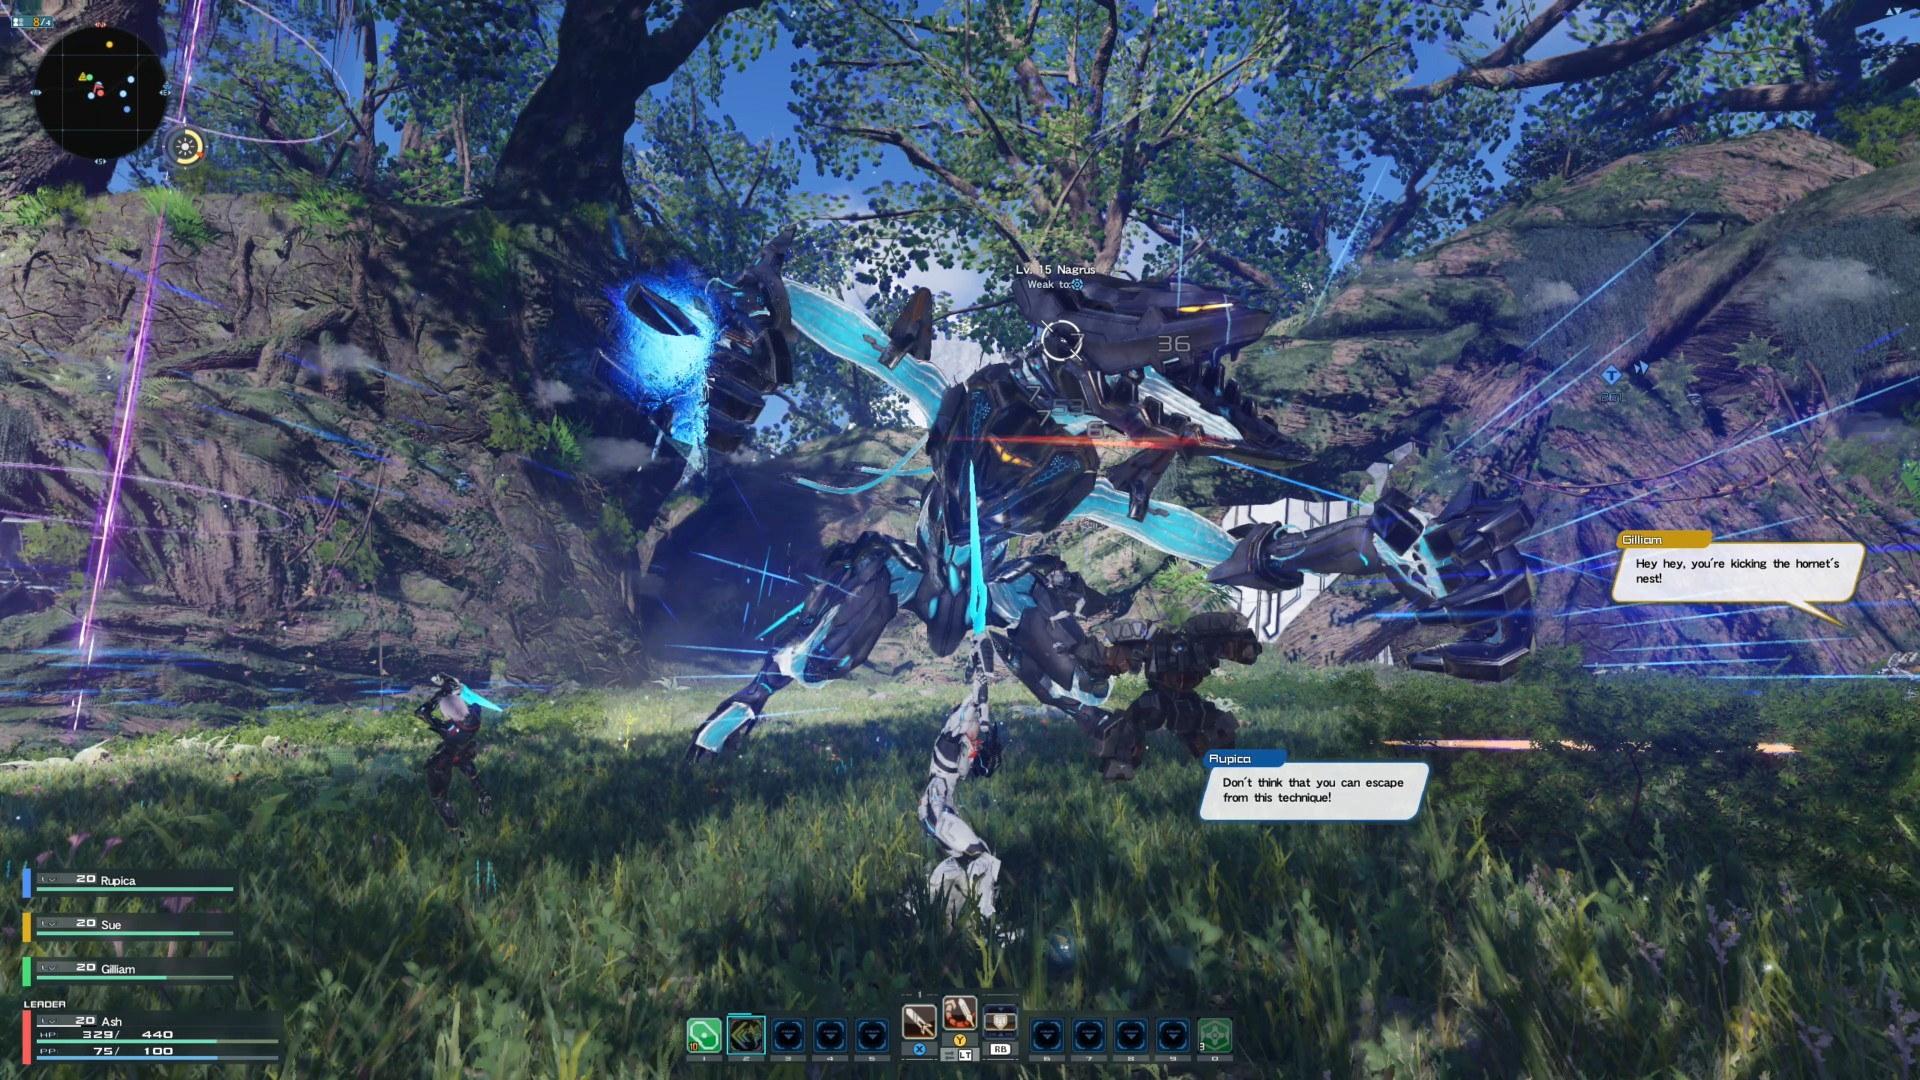 《梦幻之星online2:新起源》战斗系统及开放世界演示